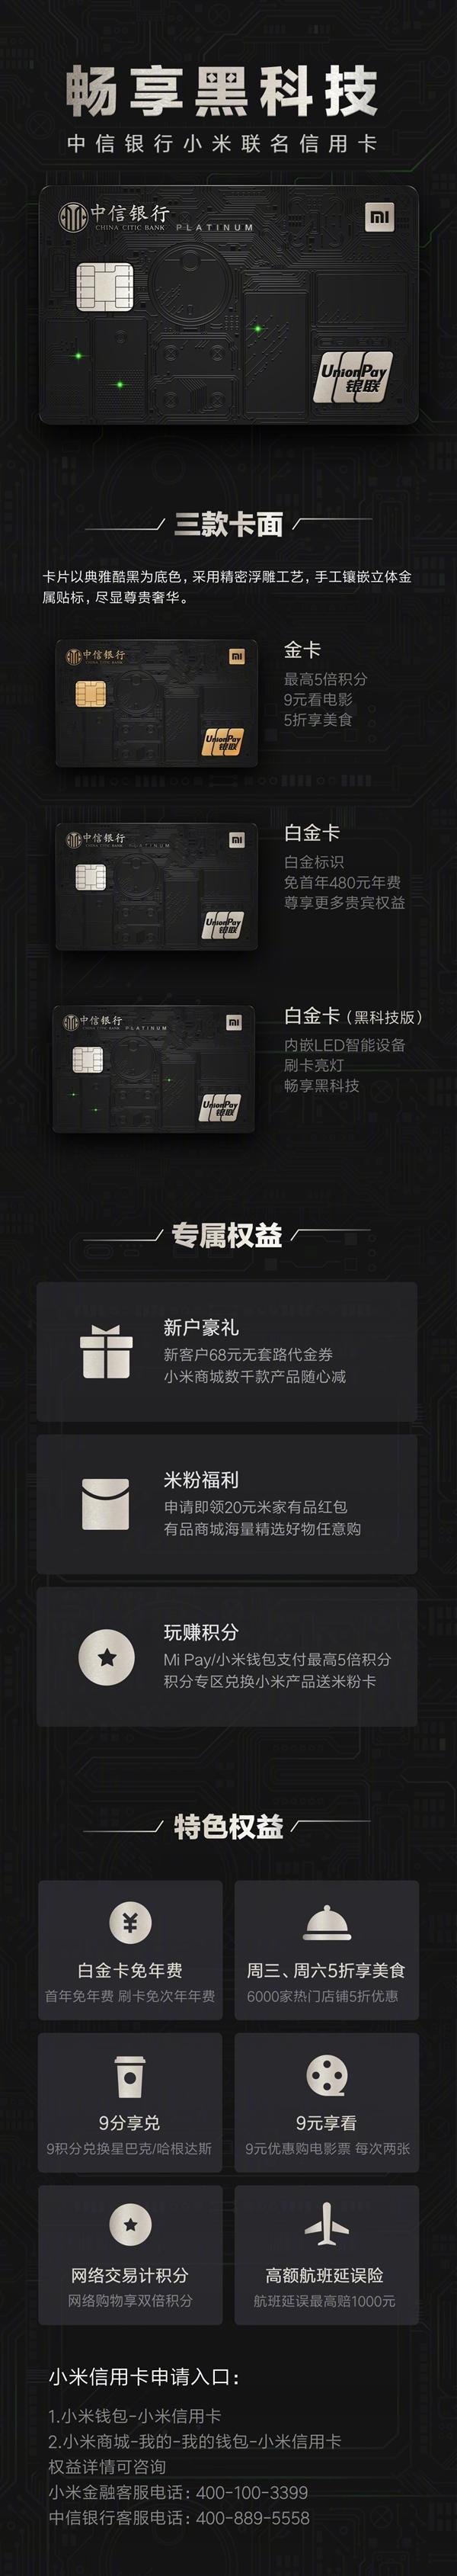 小米首发实体信用卡内嵌LED:刷卡之后就亮灯